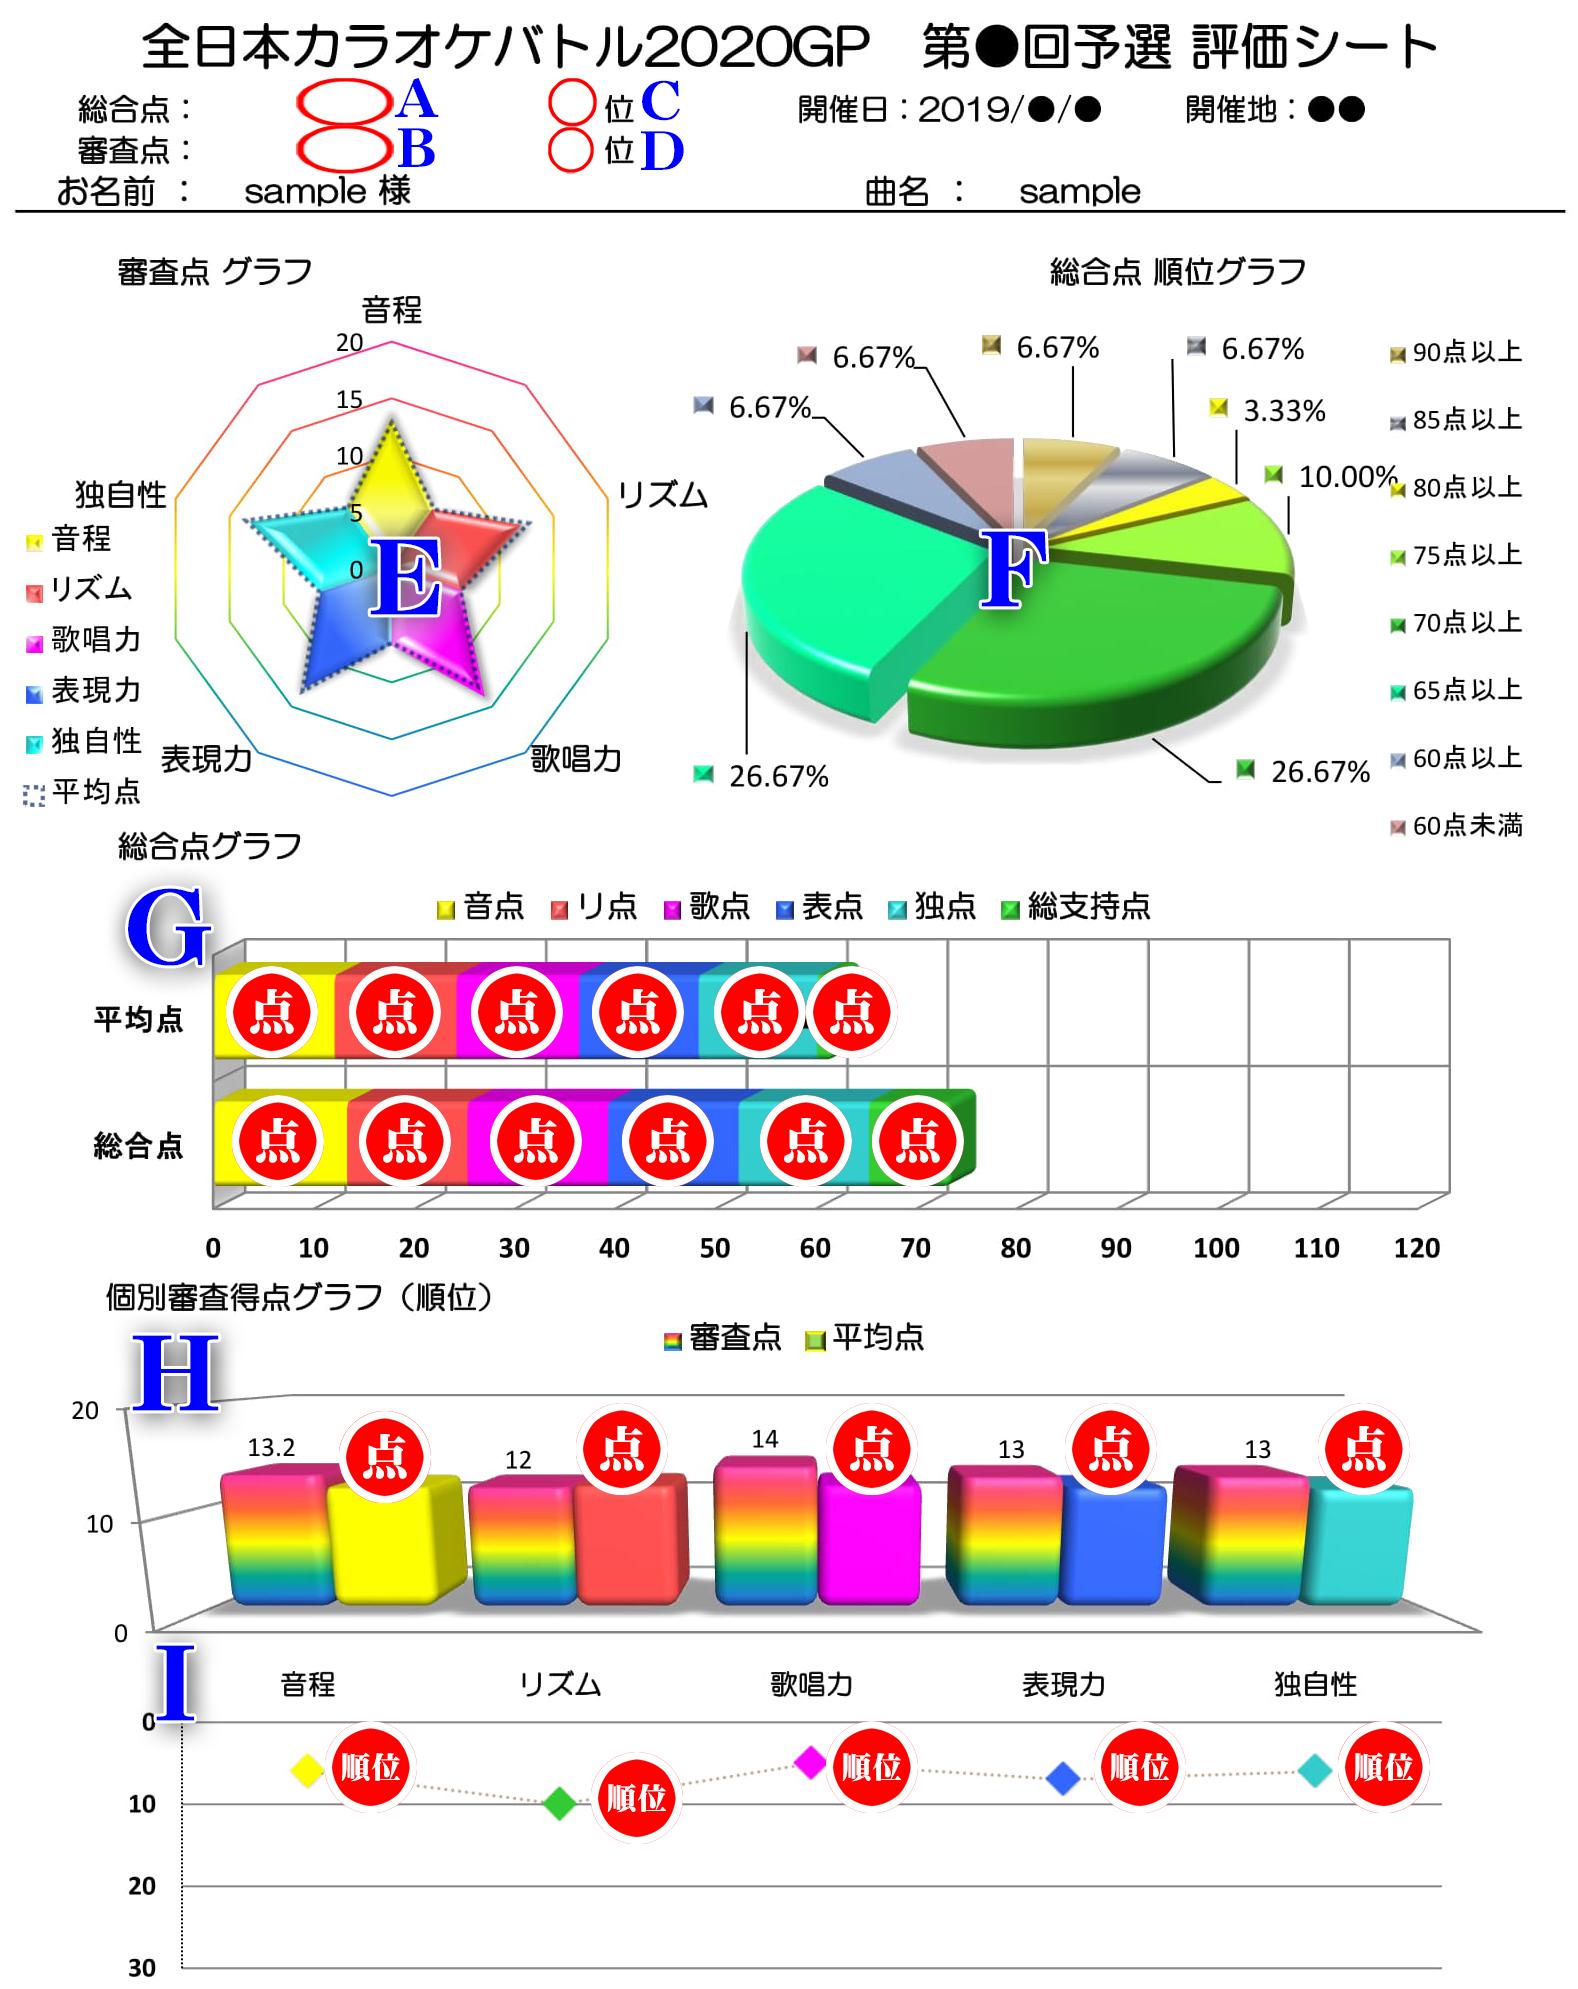 全日本カラオケバトル 評価シート